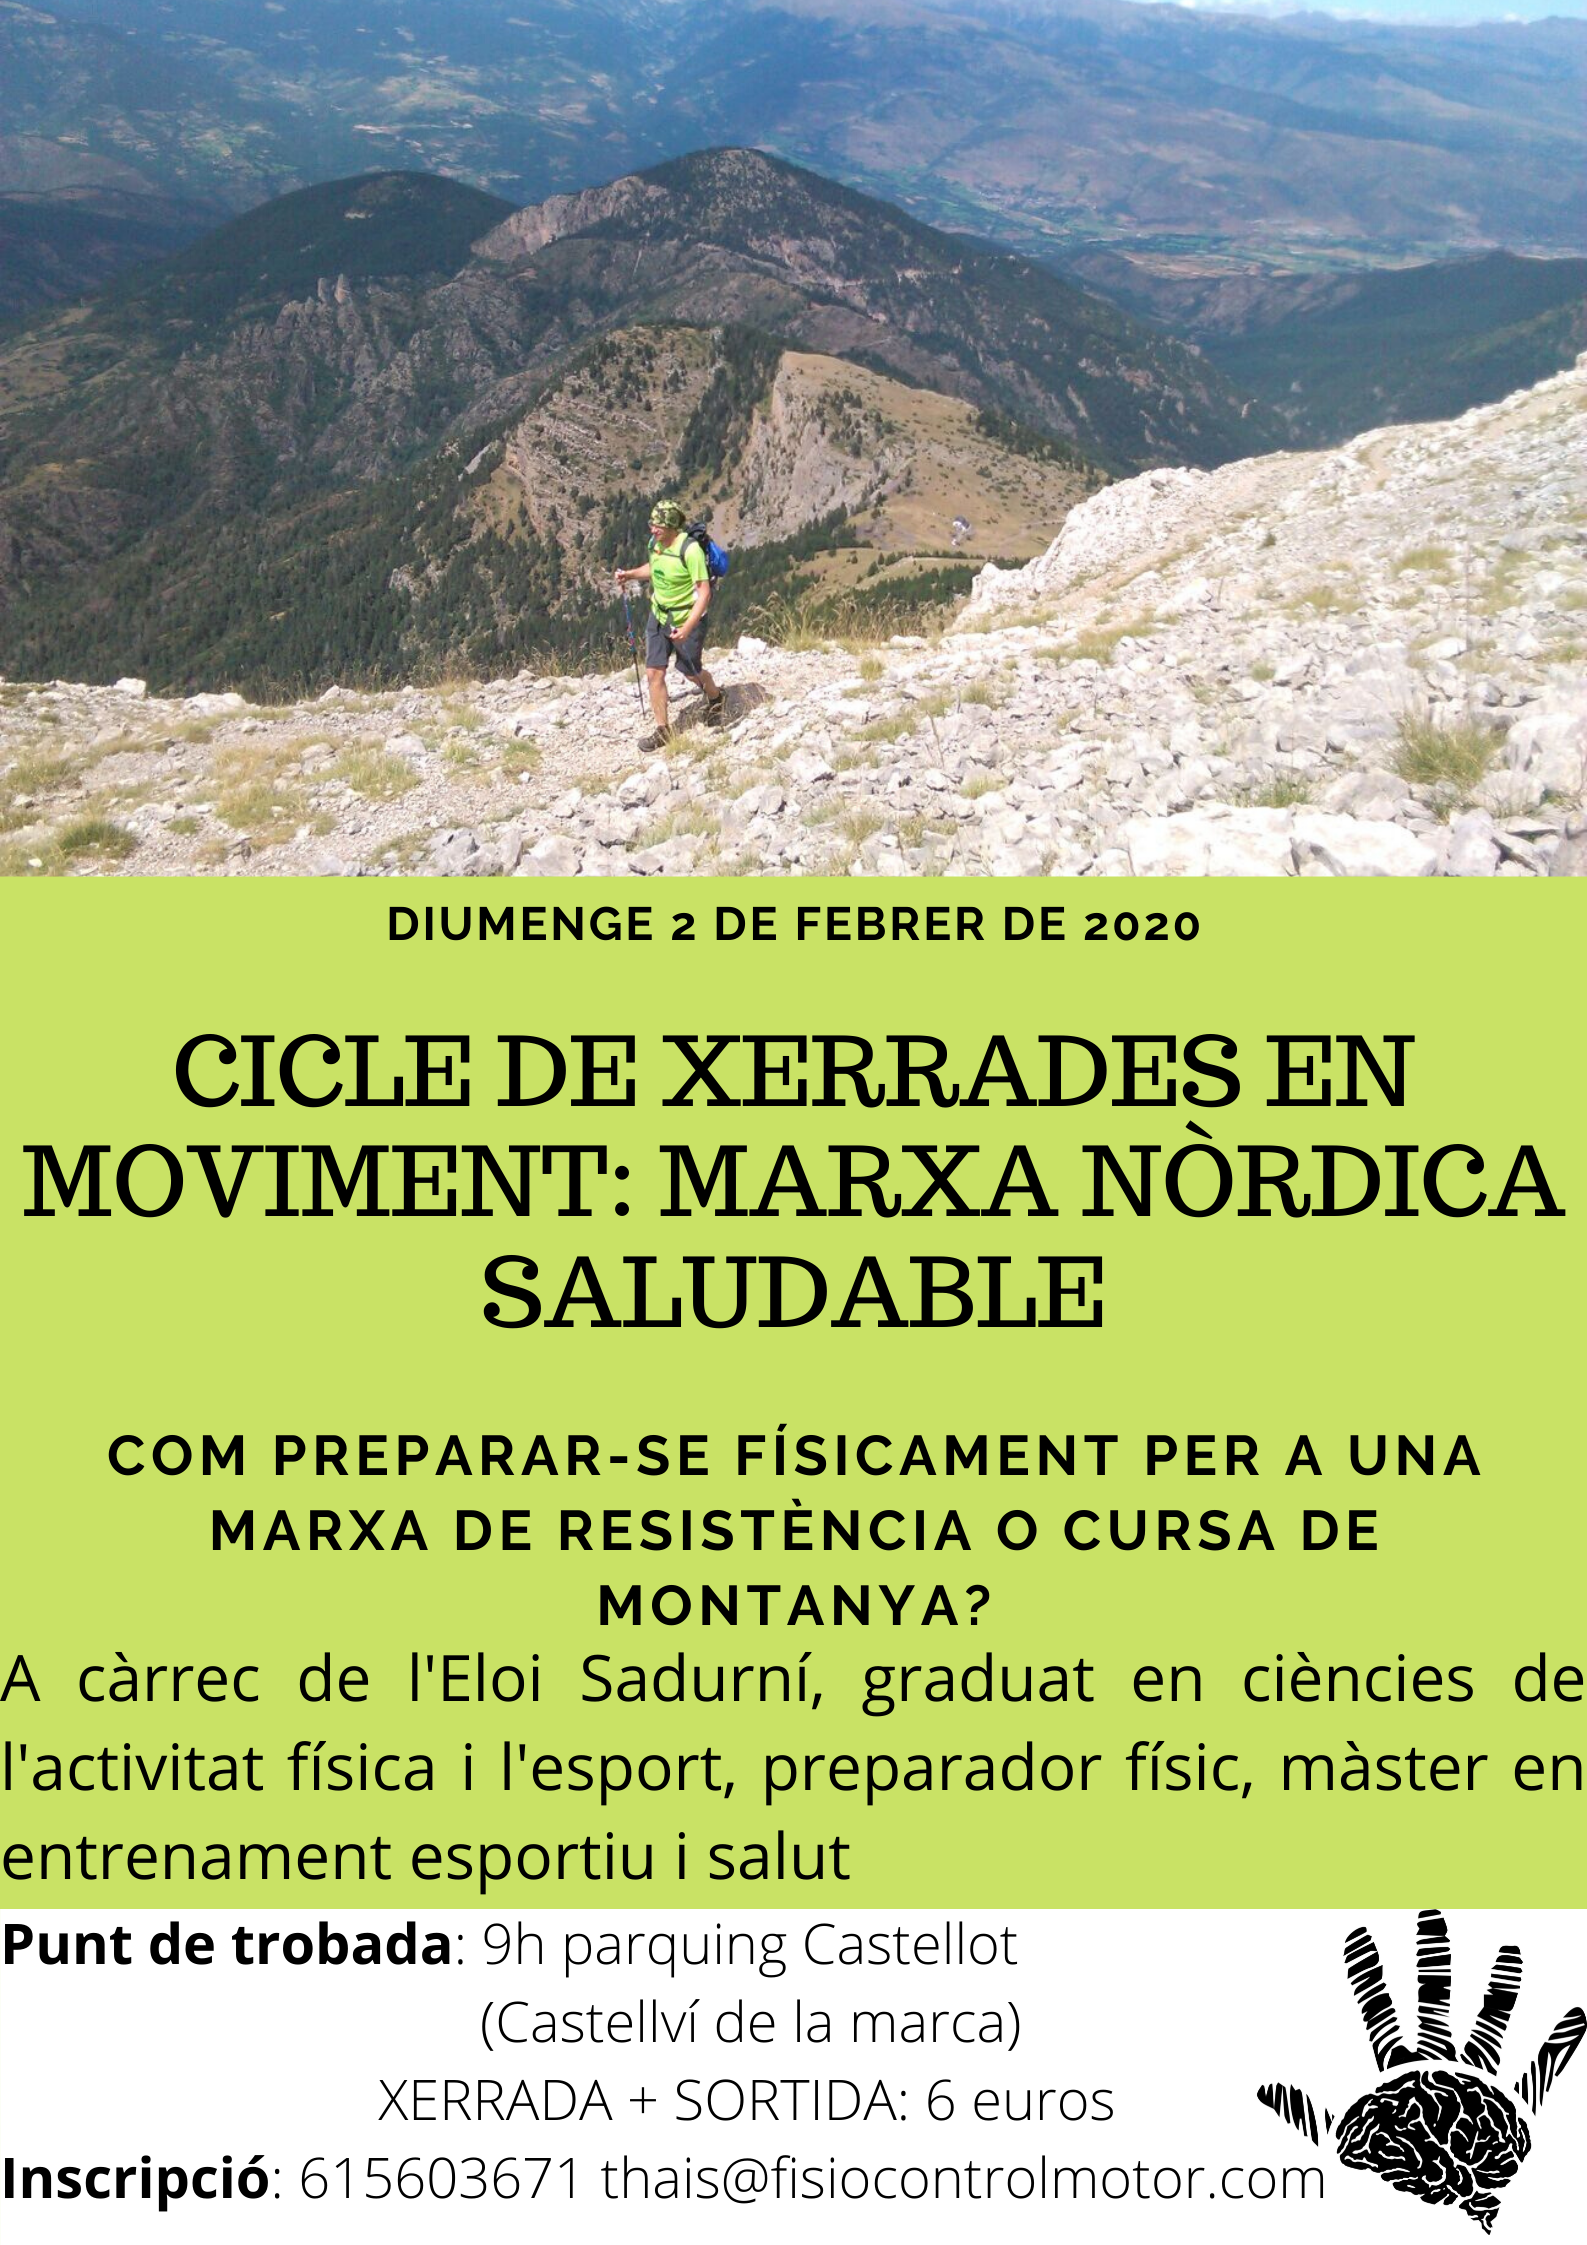 1.CICLE DE XERRADES EN MOVIMENT_ MARXA NÒRDICA SALUDABLE